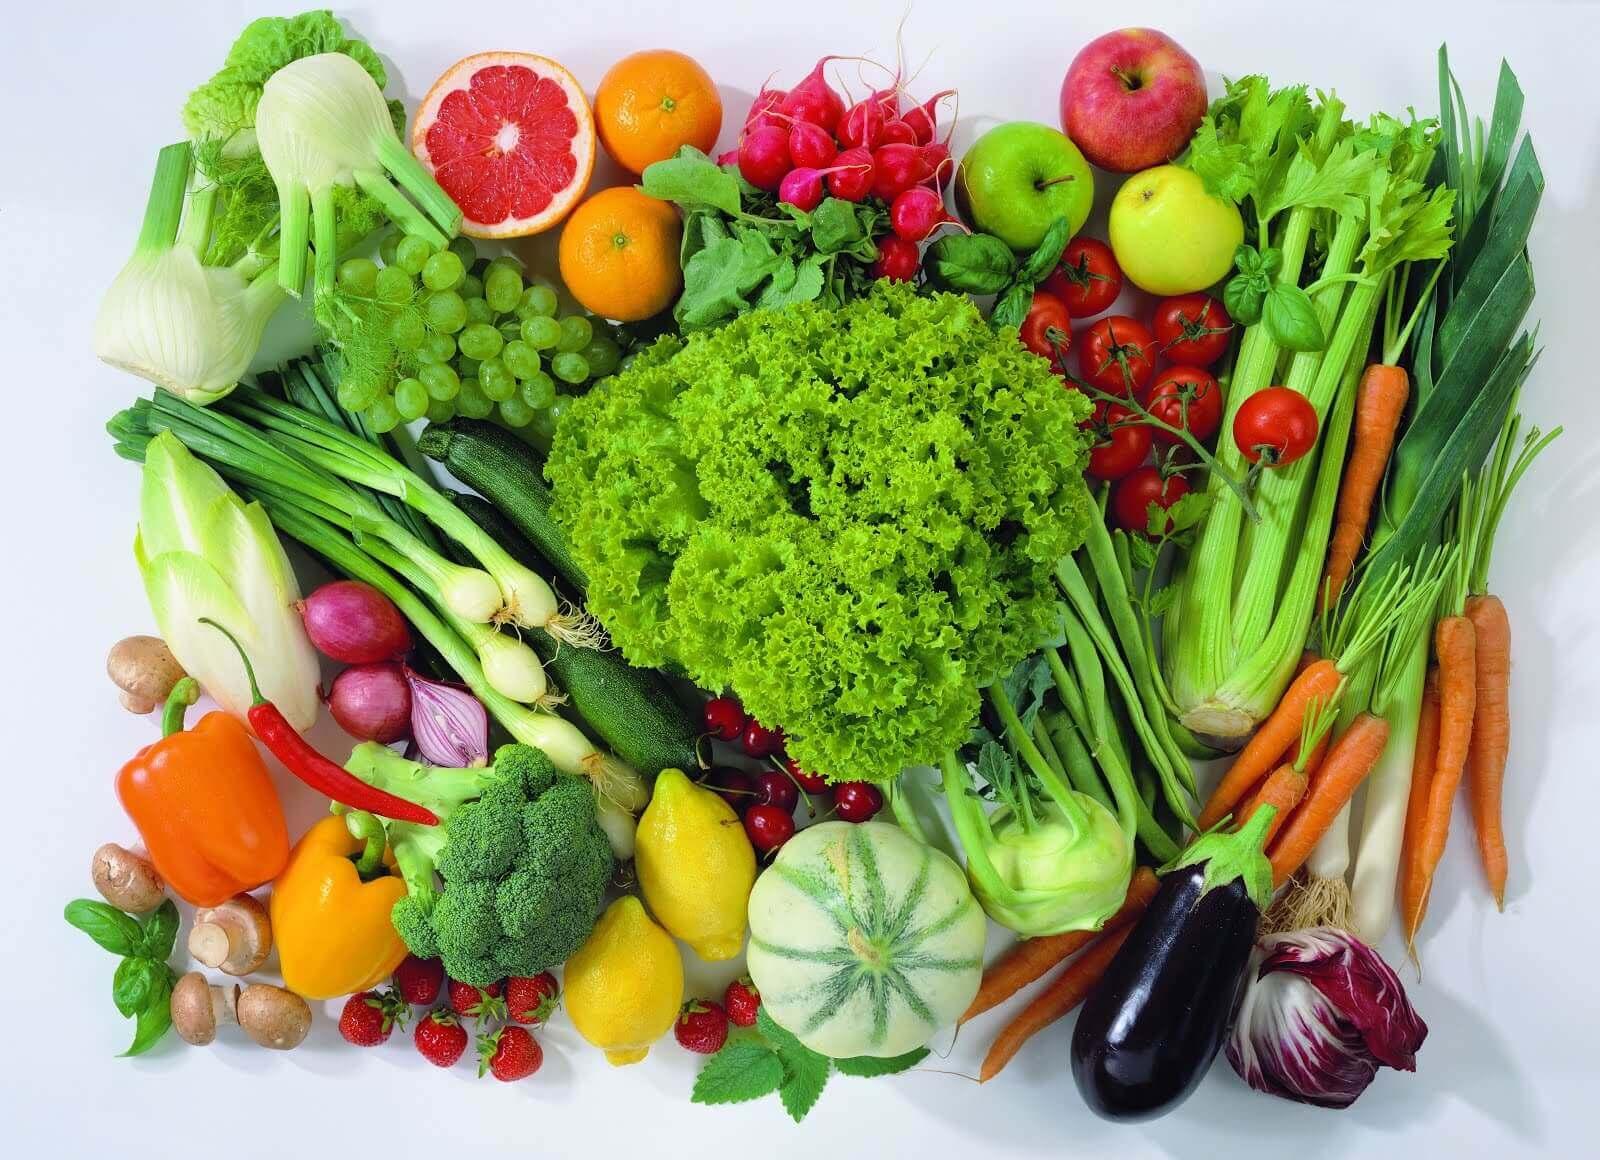 मेनोपाज के समय फलों और सब्ज़ियों का ज़्यादा सेवन करें